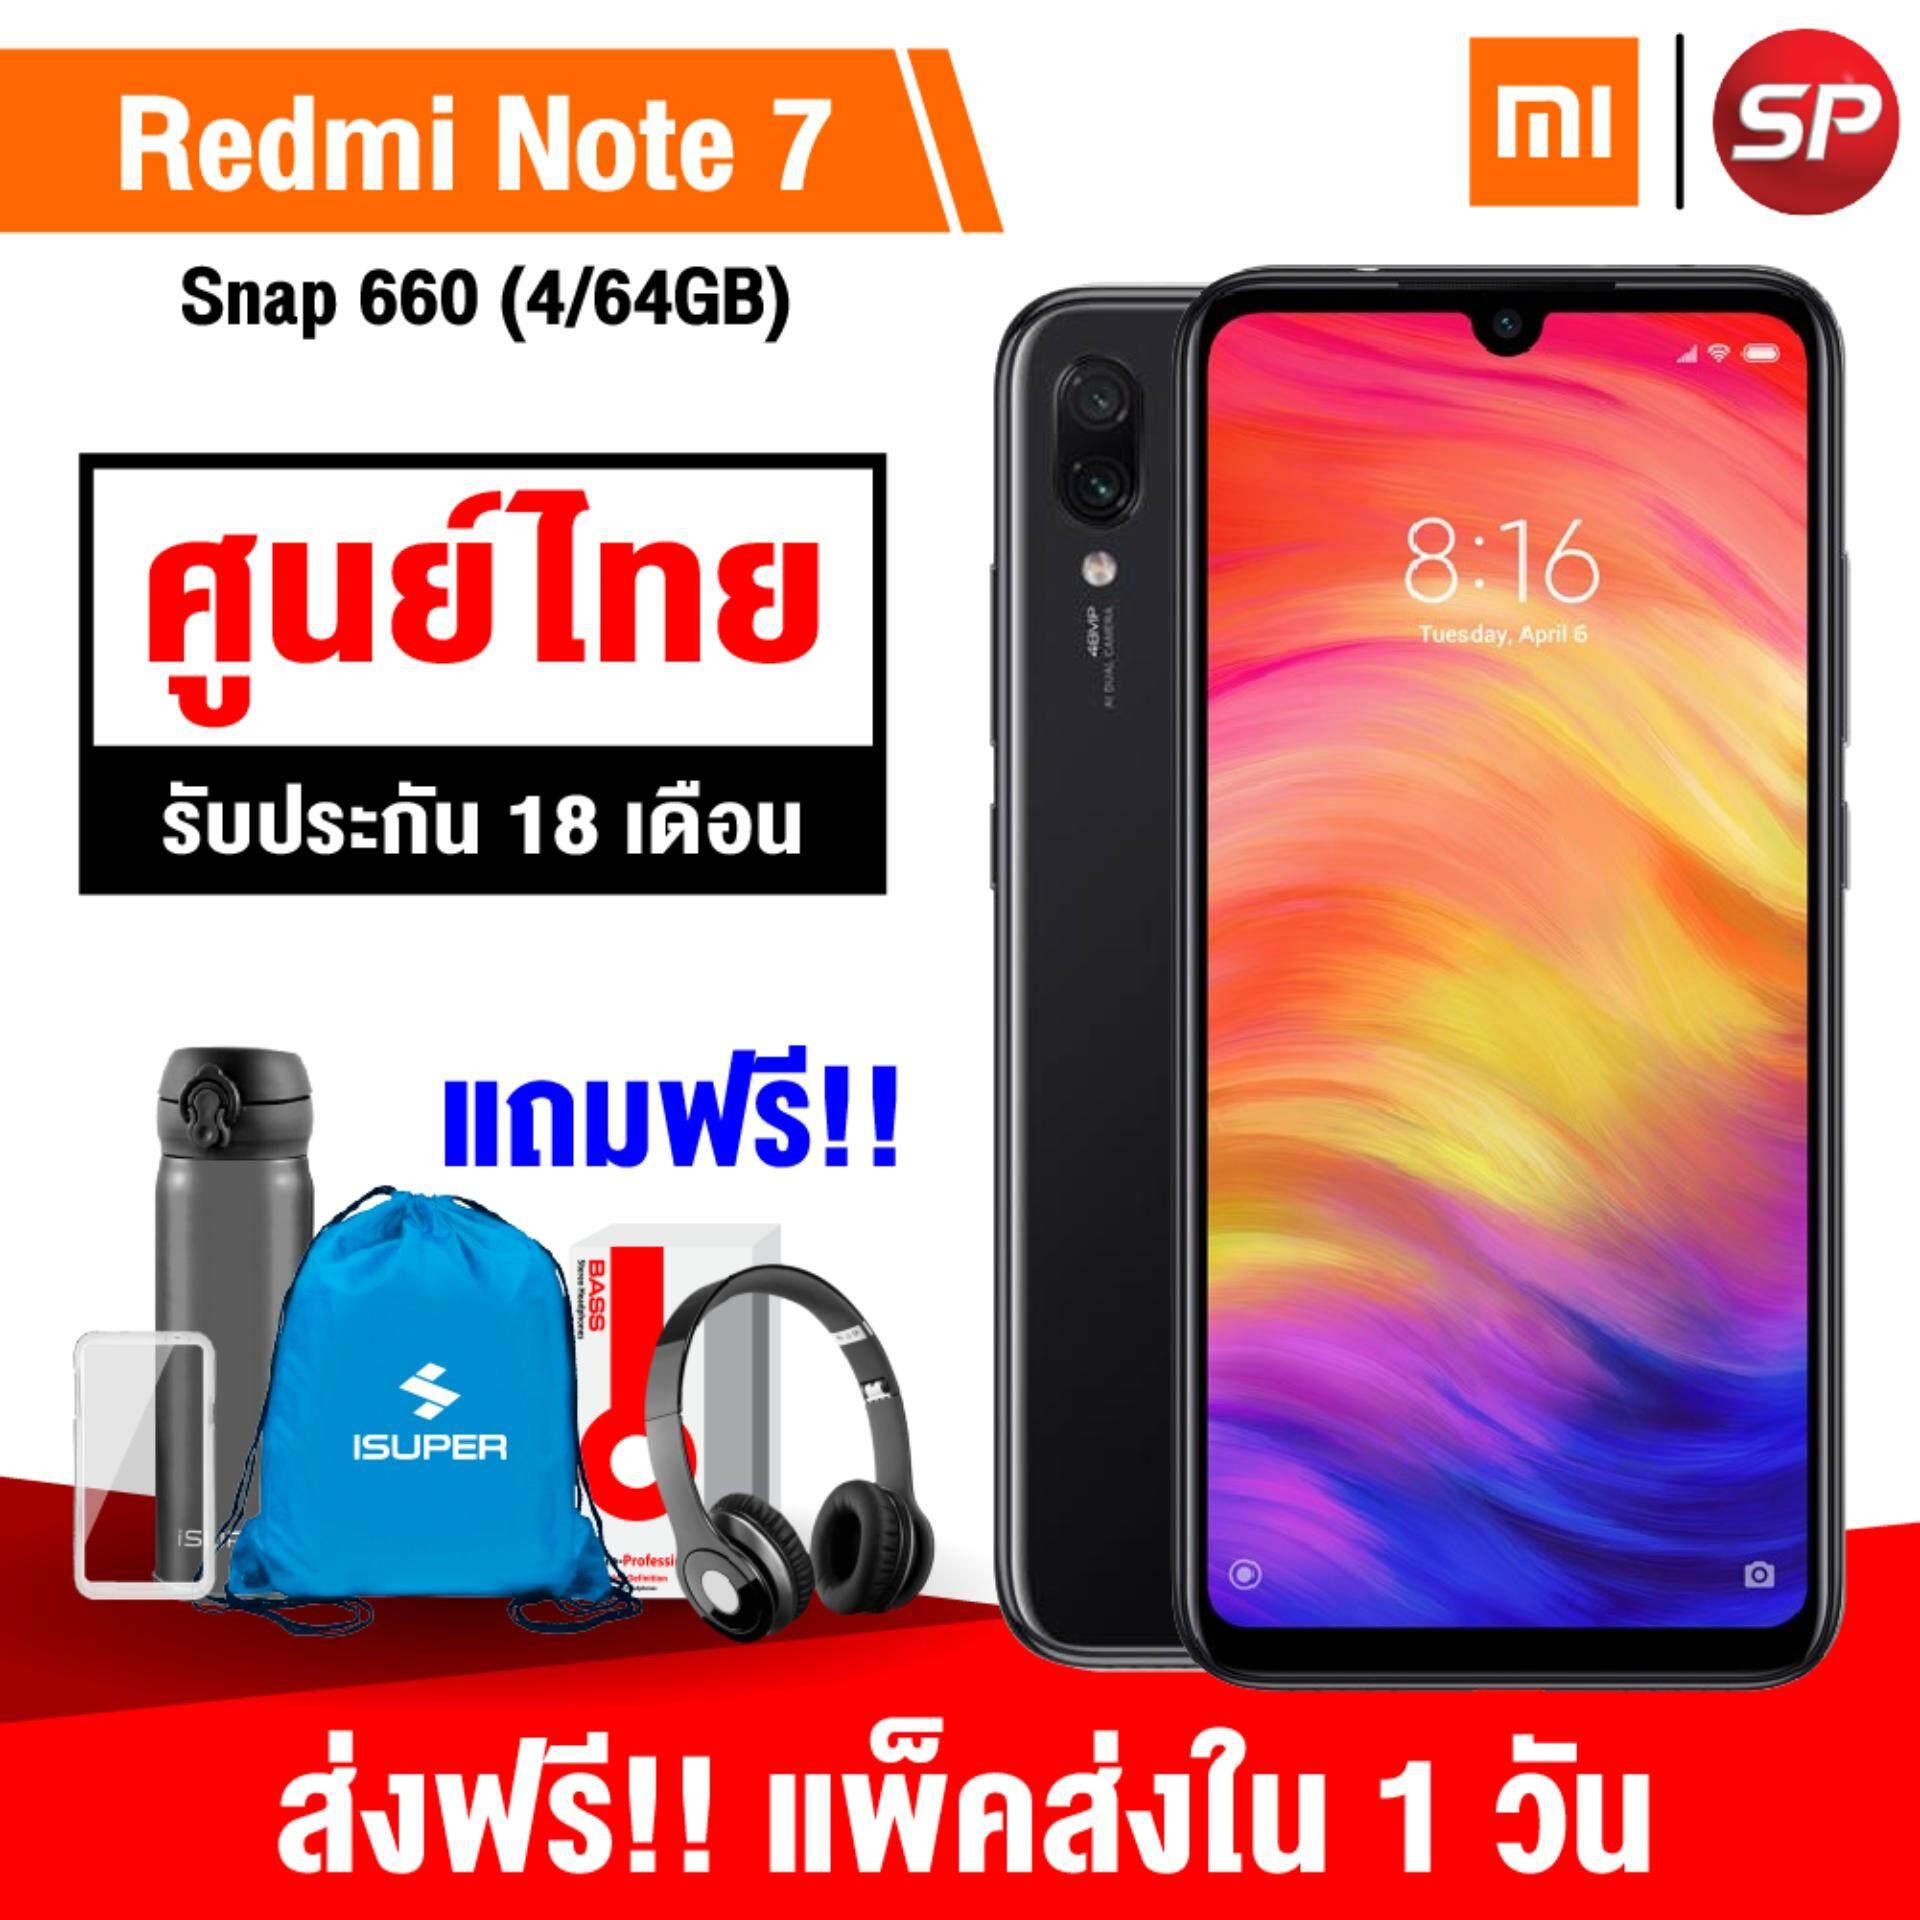 ยี่ห้อไหนดี  อำนาจเจริญ 【กดติดตามร้านรับส่วนลดเพิ่ม 3%】【รับประกันศูนย์ไทย 18 เดือน】【ของแถมชุดใหญ่】【ส่งฟรี!!】Xiaomi Redmi Note 7 (4/64GB) แถมฟรี!! ฟรี!! Sport Bag(คละสี) + หูฟังครอบหู BASS + กระบอกน้ำ Stainless เก็บความเย็น(คละสี) + ฟิล์มกันรอย + พร้อมเคสในกล่อง)